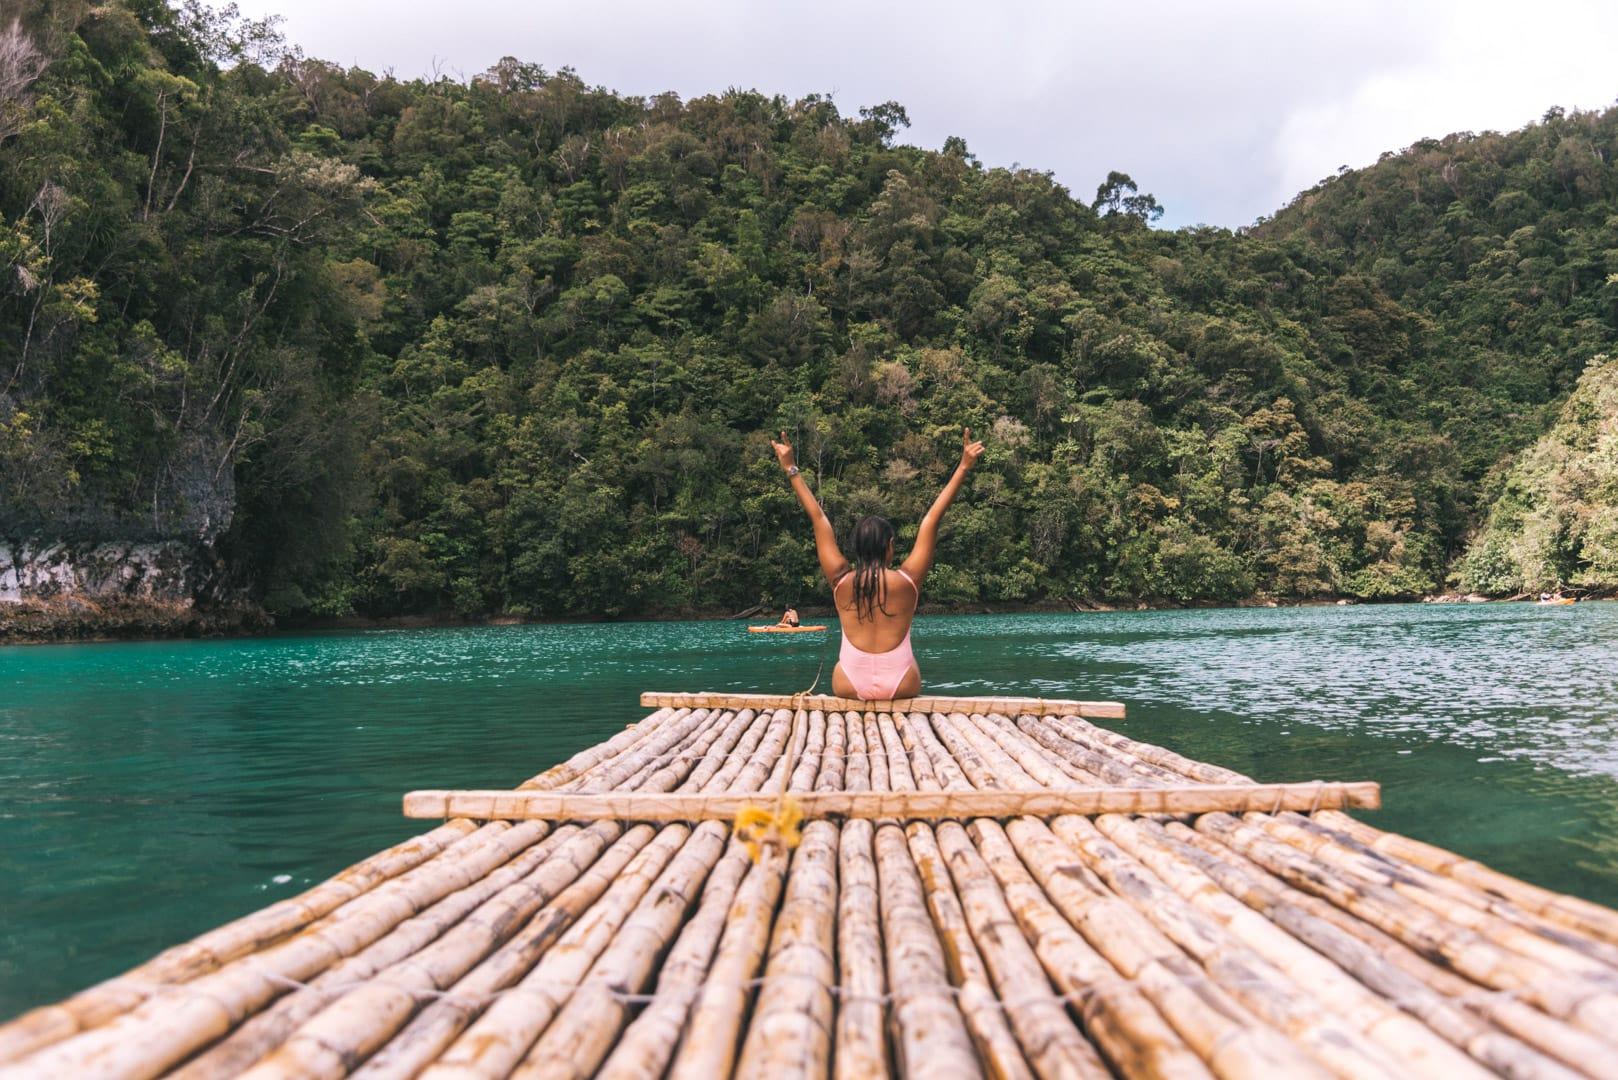 Island Hopping in Siargao, Sugba Lagoon